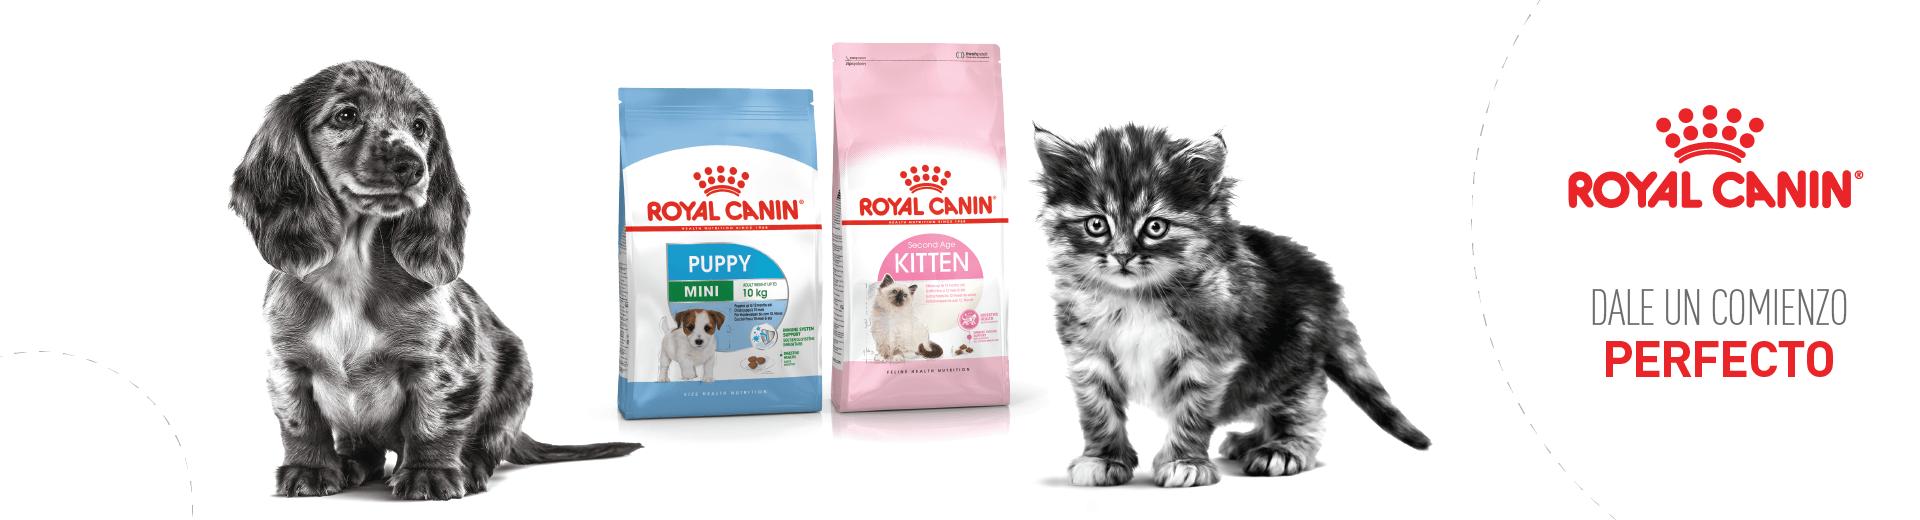 Alimento para mascotas ROYAL CANIN - Concentrado